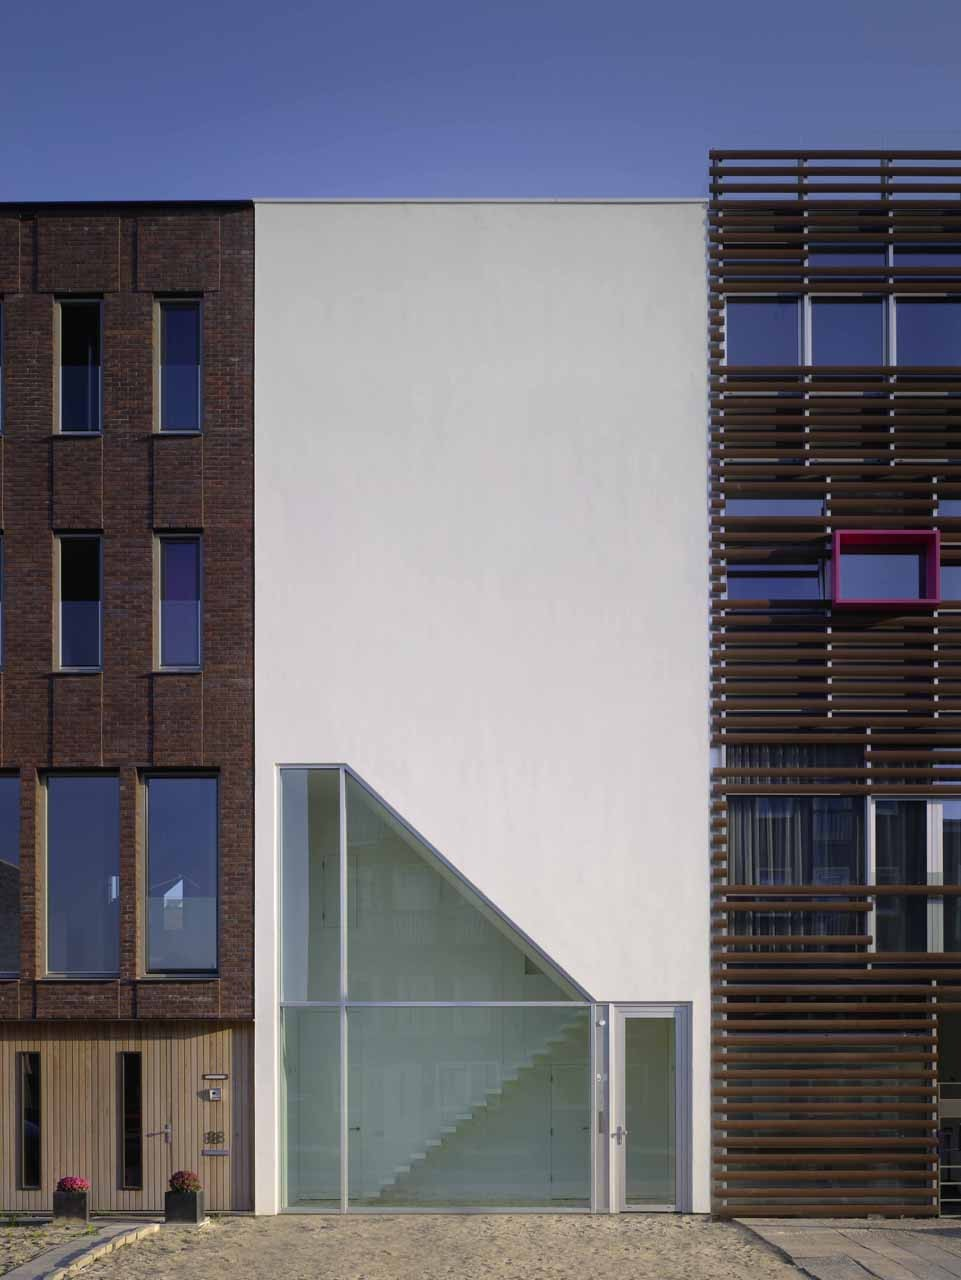 House Ijburg / Rocha Tombal Architects, Courtesy of  rocha tombal architects